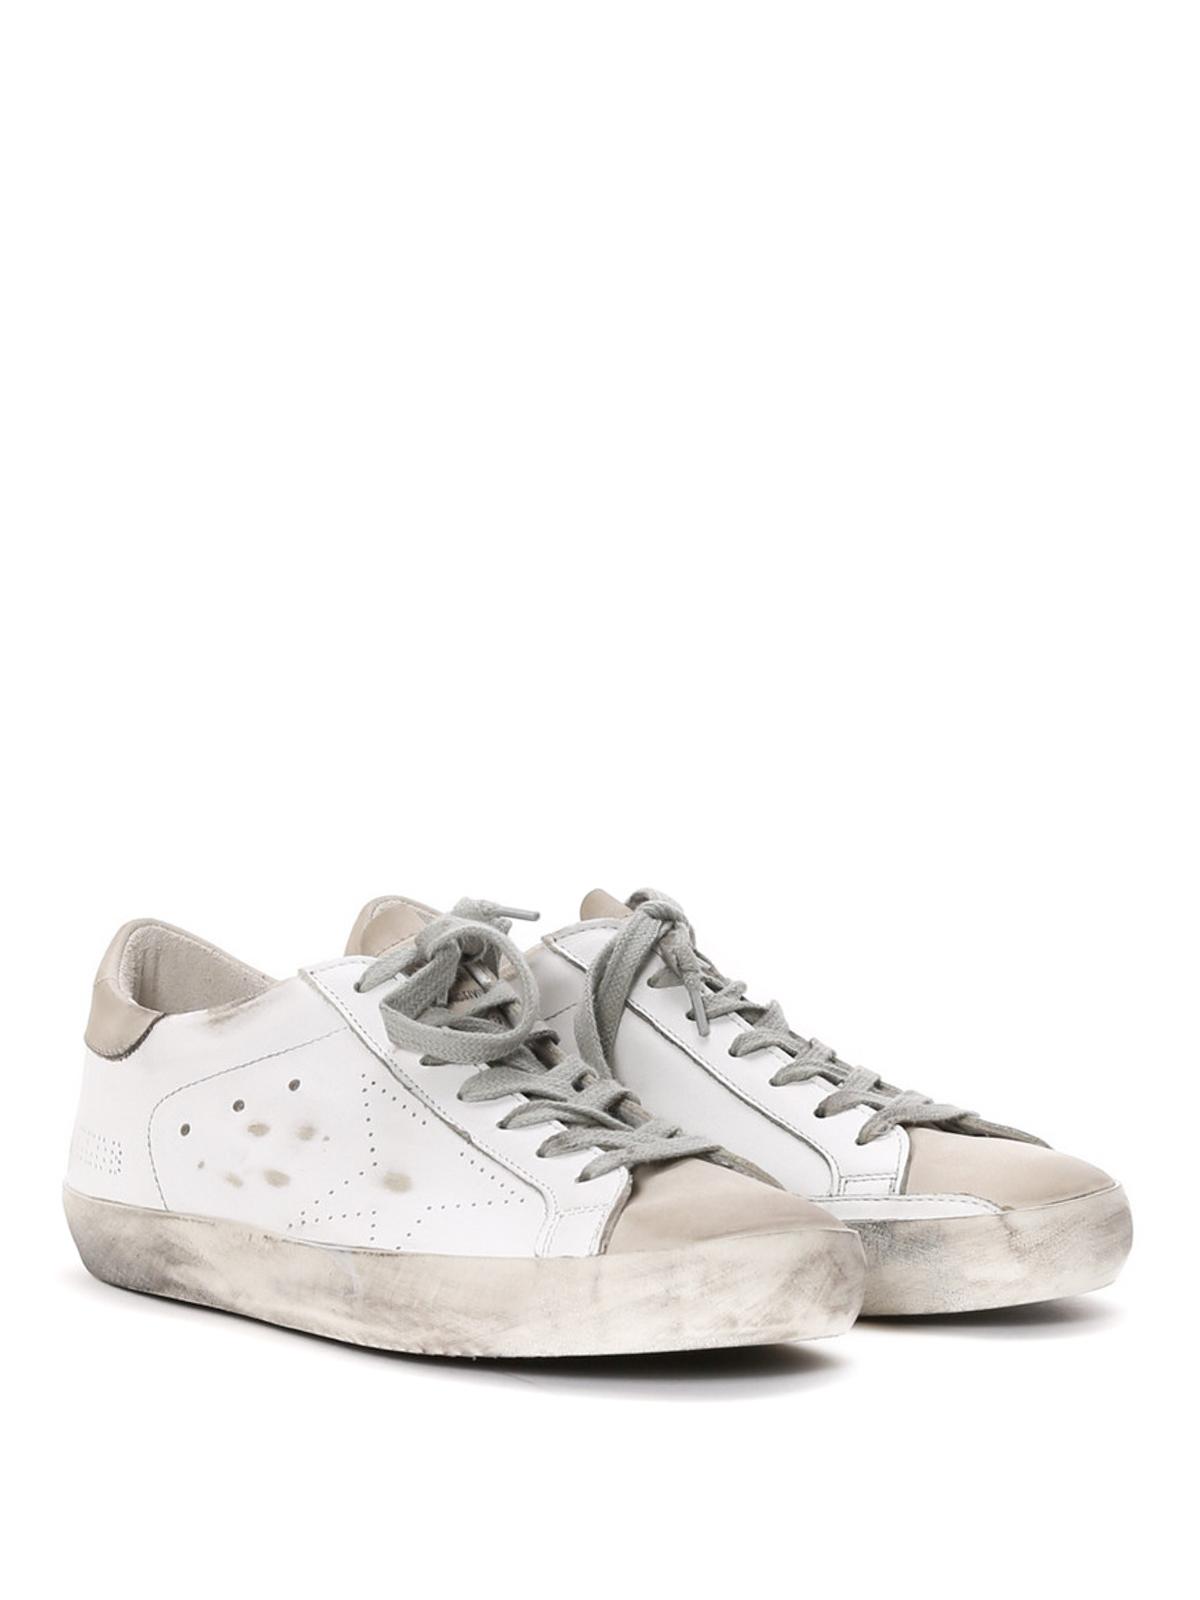 acheter pas cher c746a 9c4c8 Golden Goose - Baskets Superstar Pour Homme - Chaussures de ...